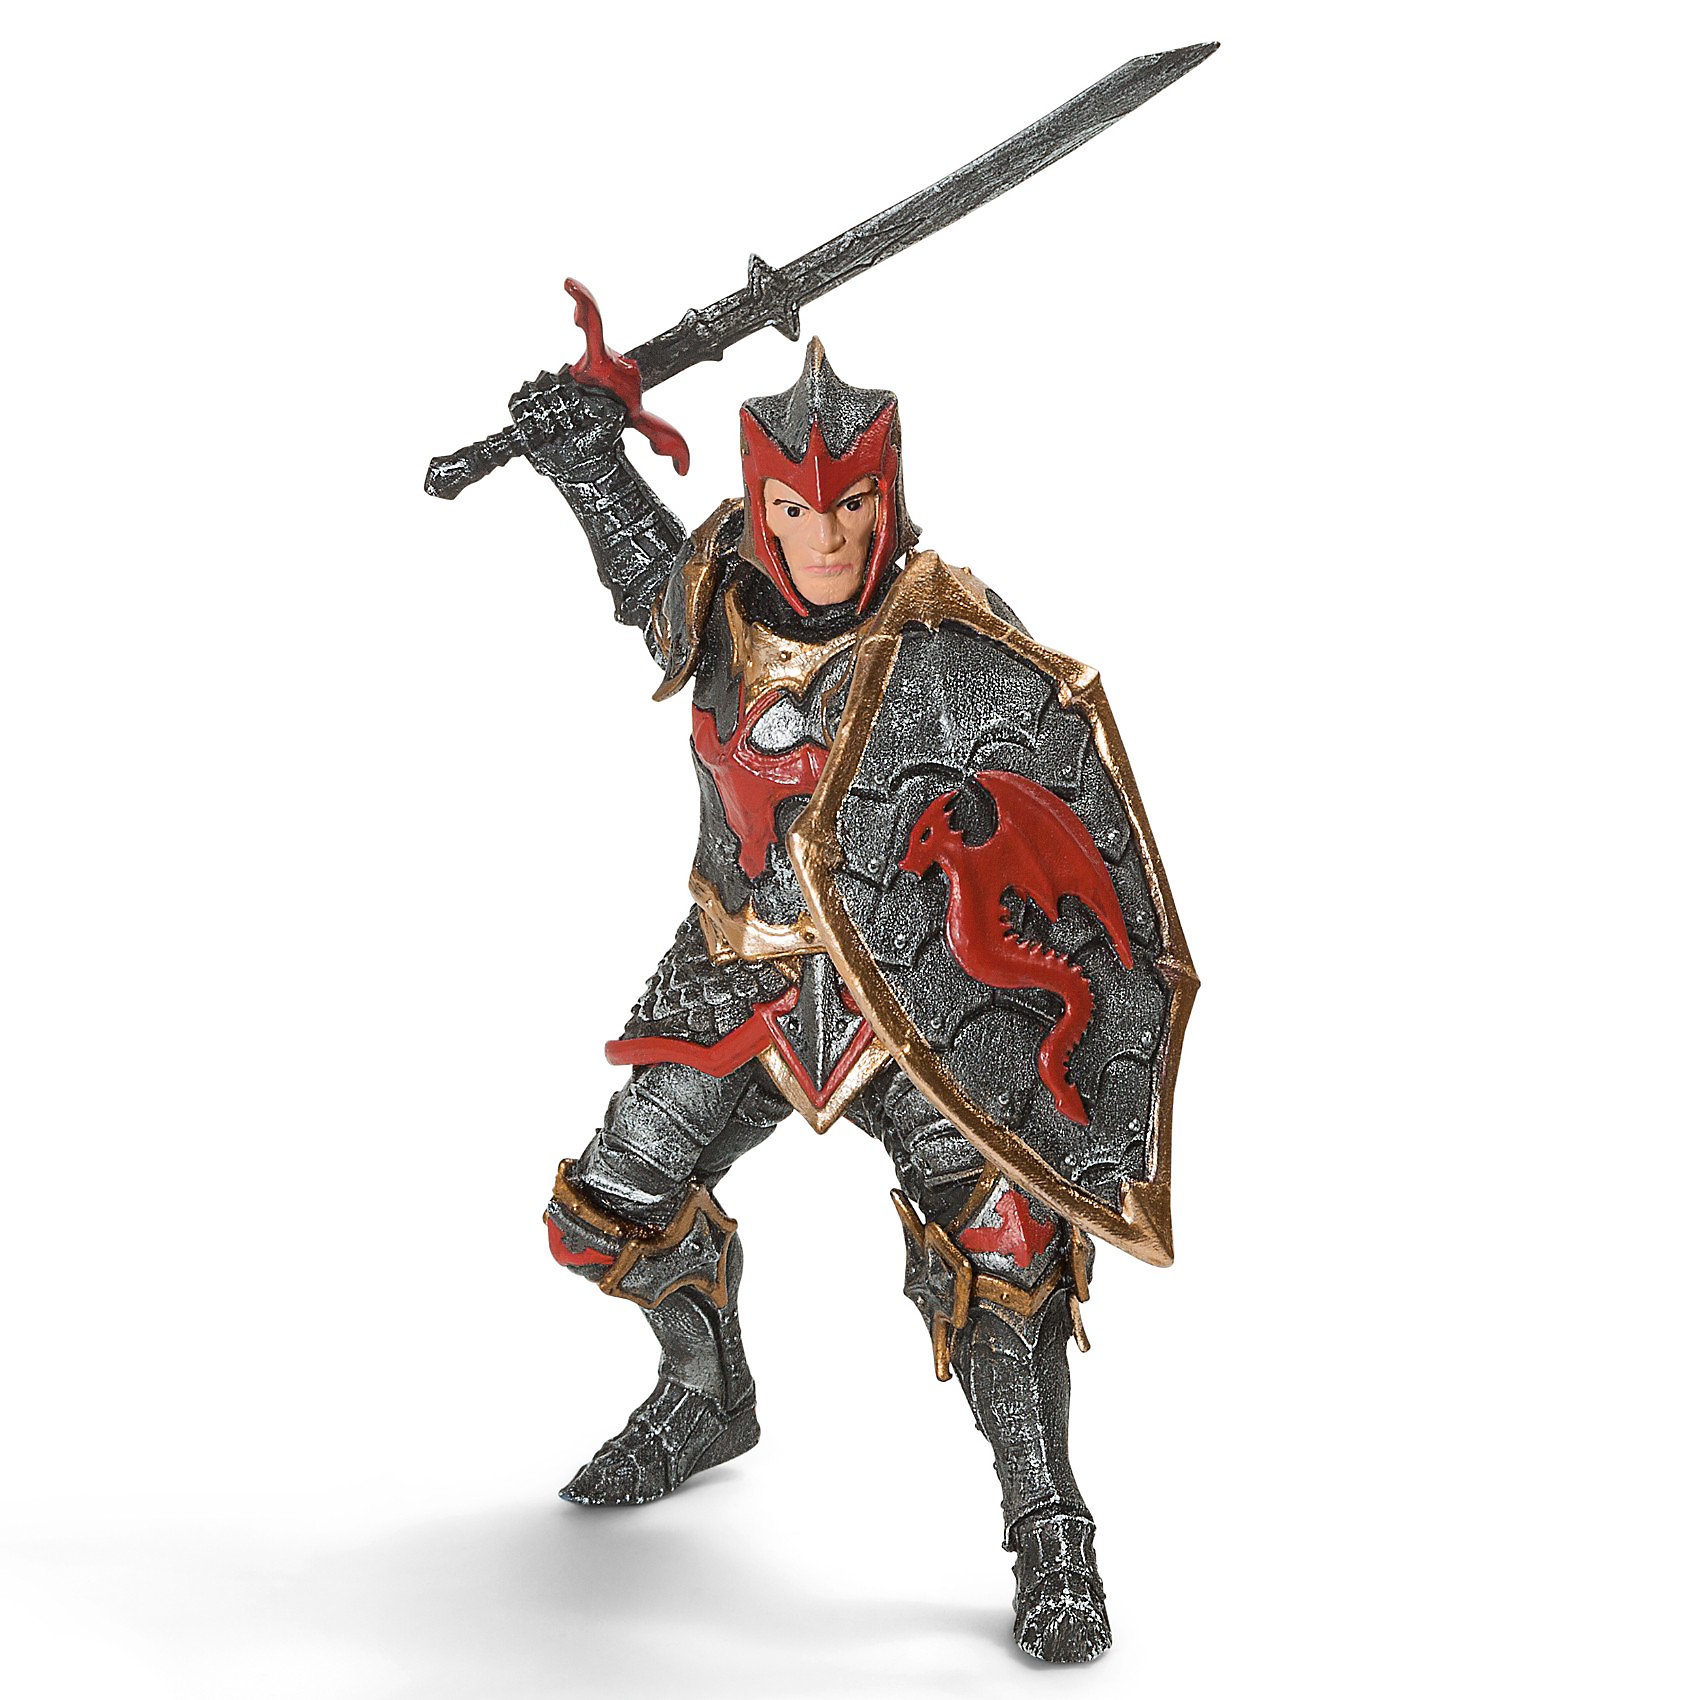 Рыцарь с мечом Орден Дракона, SchleichРыцарь с мечом Орден Дракона от Schleich (Шляйх) – величайший фехтовальщик Ордена Дракона. Его оружие – это семейная реликвия, которая передается на протяжении веков от отца к сыну.<br><br>Дополнительная информация:<br><br>-фигурка Рыцарь Дракона с мечом раскрашенная вручную, сделана из безопасного материала – каучукового пластика.<br>-размеры (ДхШхВ): 16,3х3х5,8 см<br><br>Соберите с ребенком свою армию рыцарей и сразитесь с врагом!<br><br>Рыцаря с мечом Орден Дракона, Schleich (Шляйх) можно купить в нашем интернет-магазине.<br><br>Ширина мм: 169<br>Глубина мм: 96<br>Высота мм: 68<br>Вес г: 70<br>Возраст от месяцев: 36<br>Возраст до месяцев: 96<br>Пол: Мужской<br>Возраст: Детский<br>SKU: 3164159